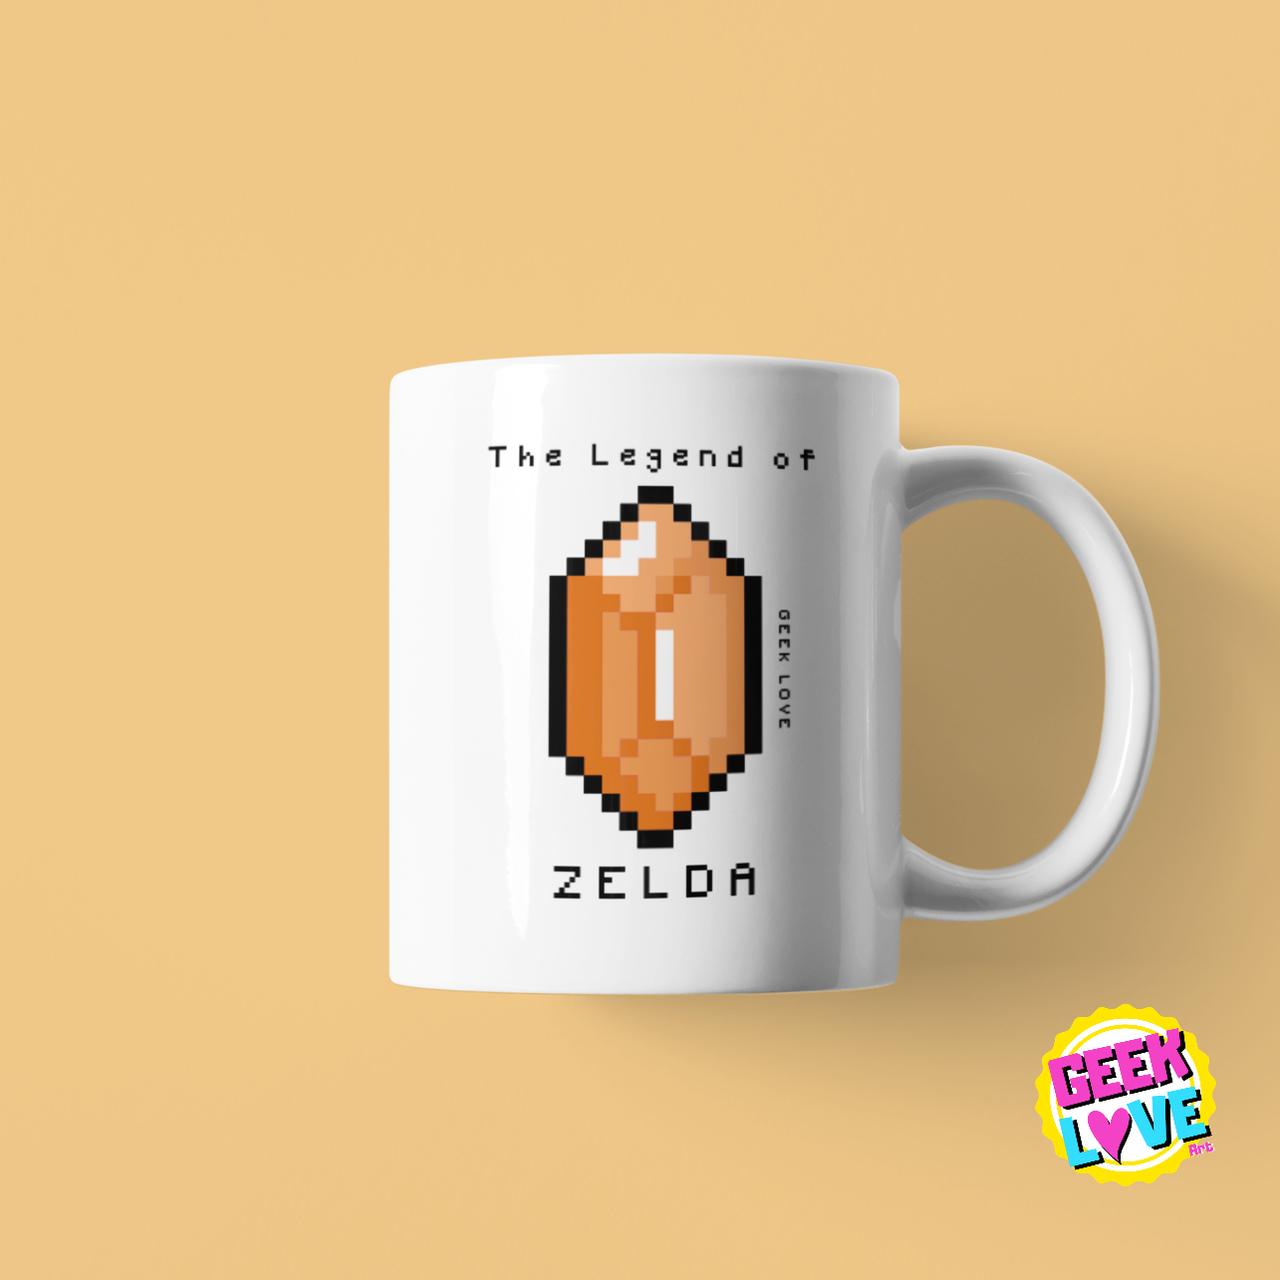 Caneca Geek Love The Legend of Zelda - Rupee (Branca)